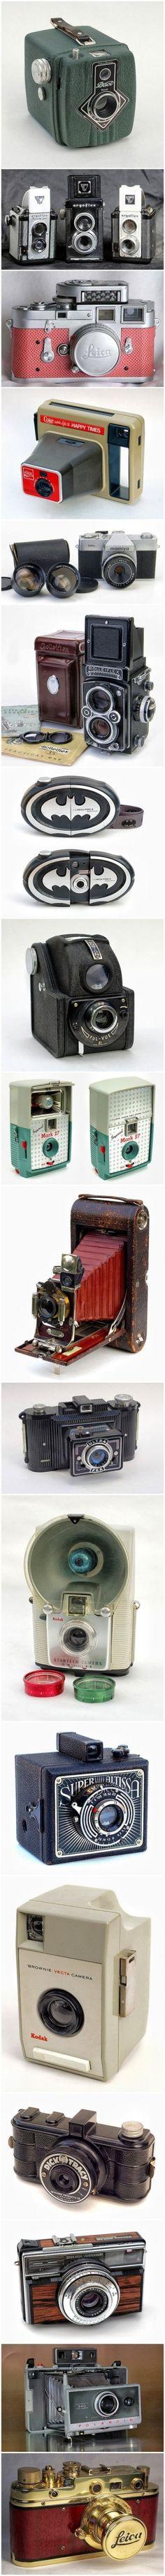 a set of cameras